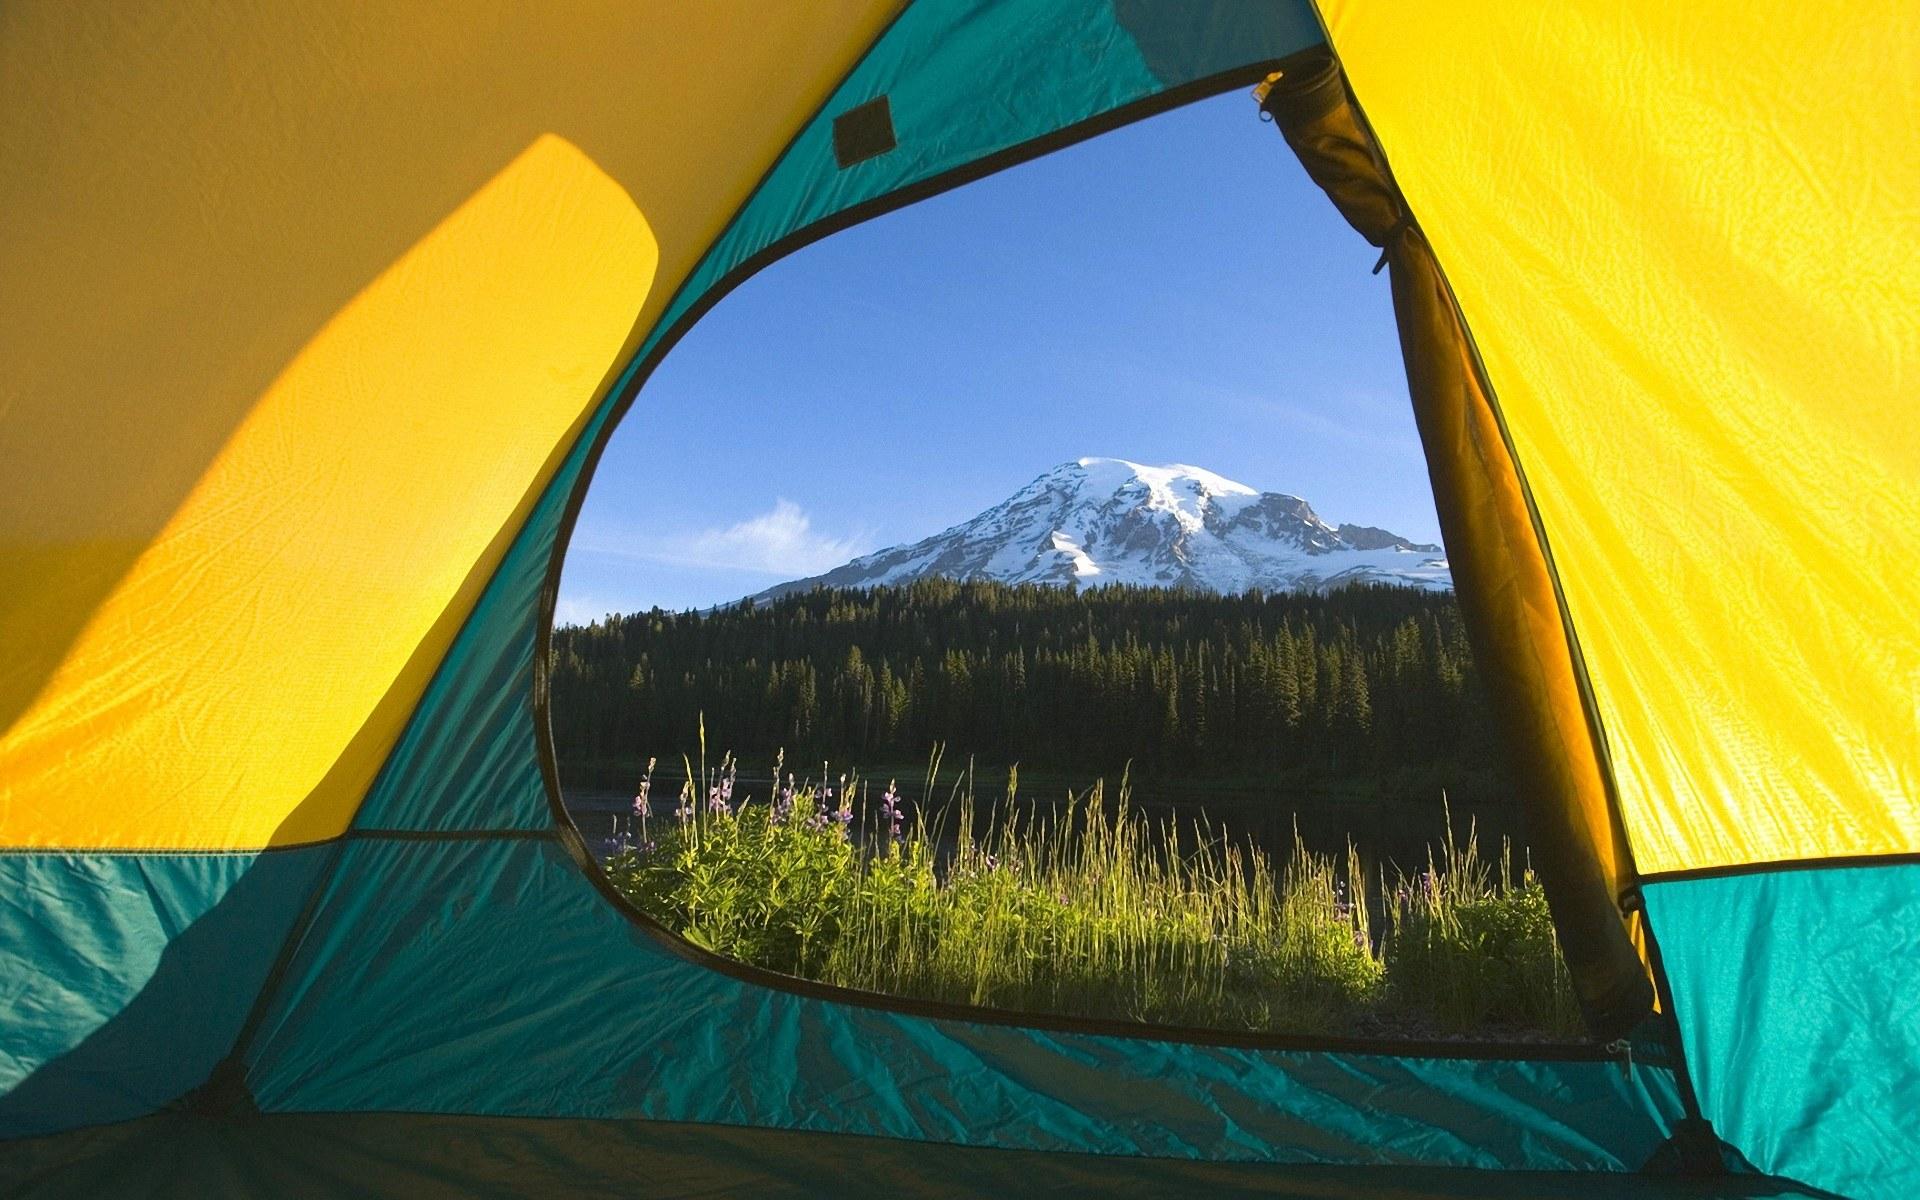 Free Camping Wallpaper Backgrounds - WallpaperSafari